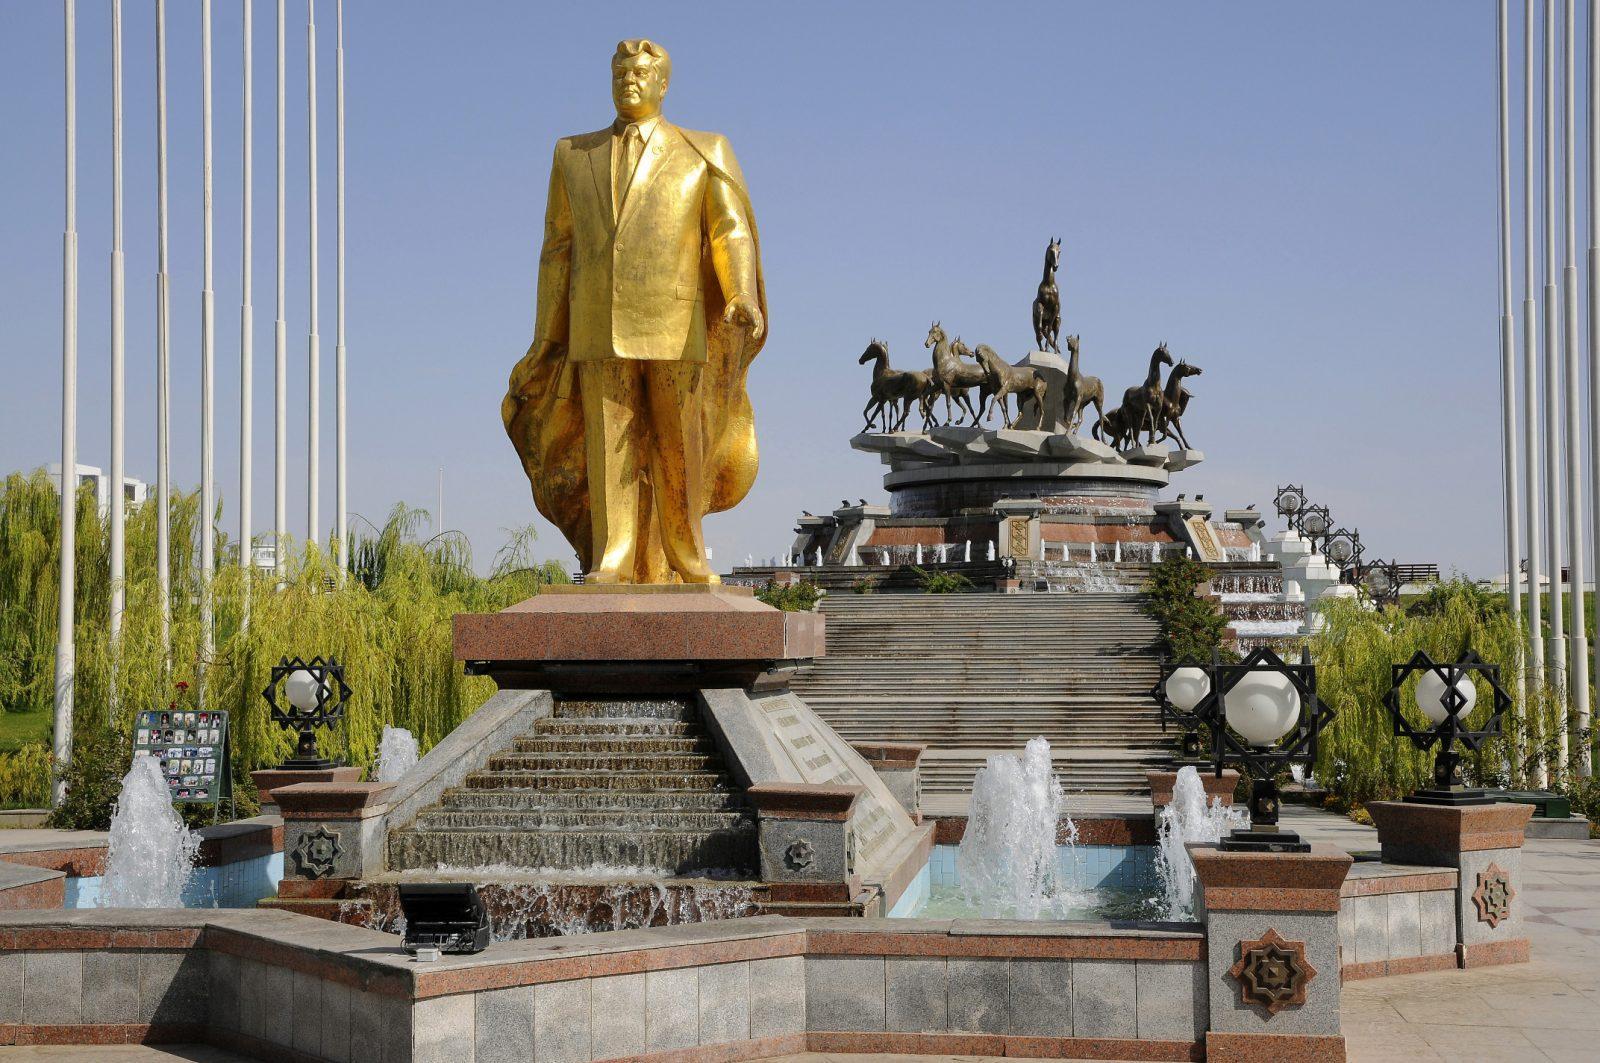 Туркменбаши любит роскошь и золото, поэтому центр столицы выглядит шикарно, а остальная часть страны приходит в упадок